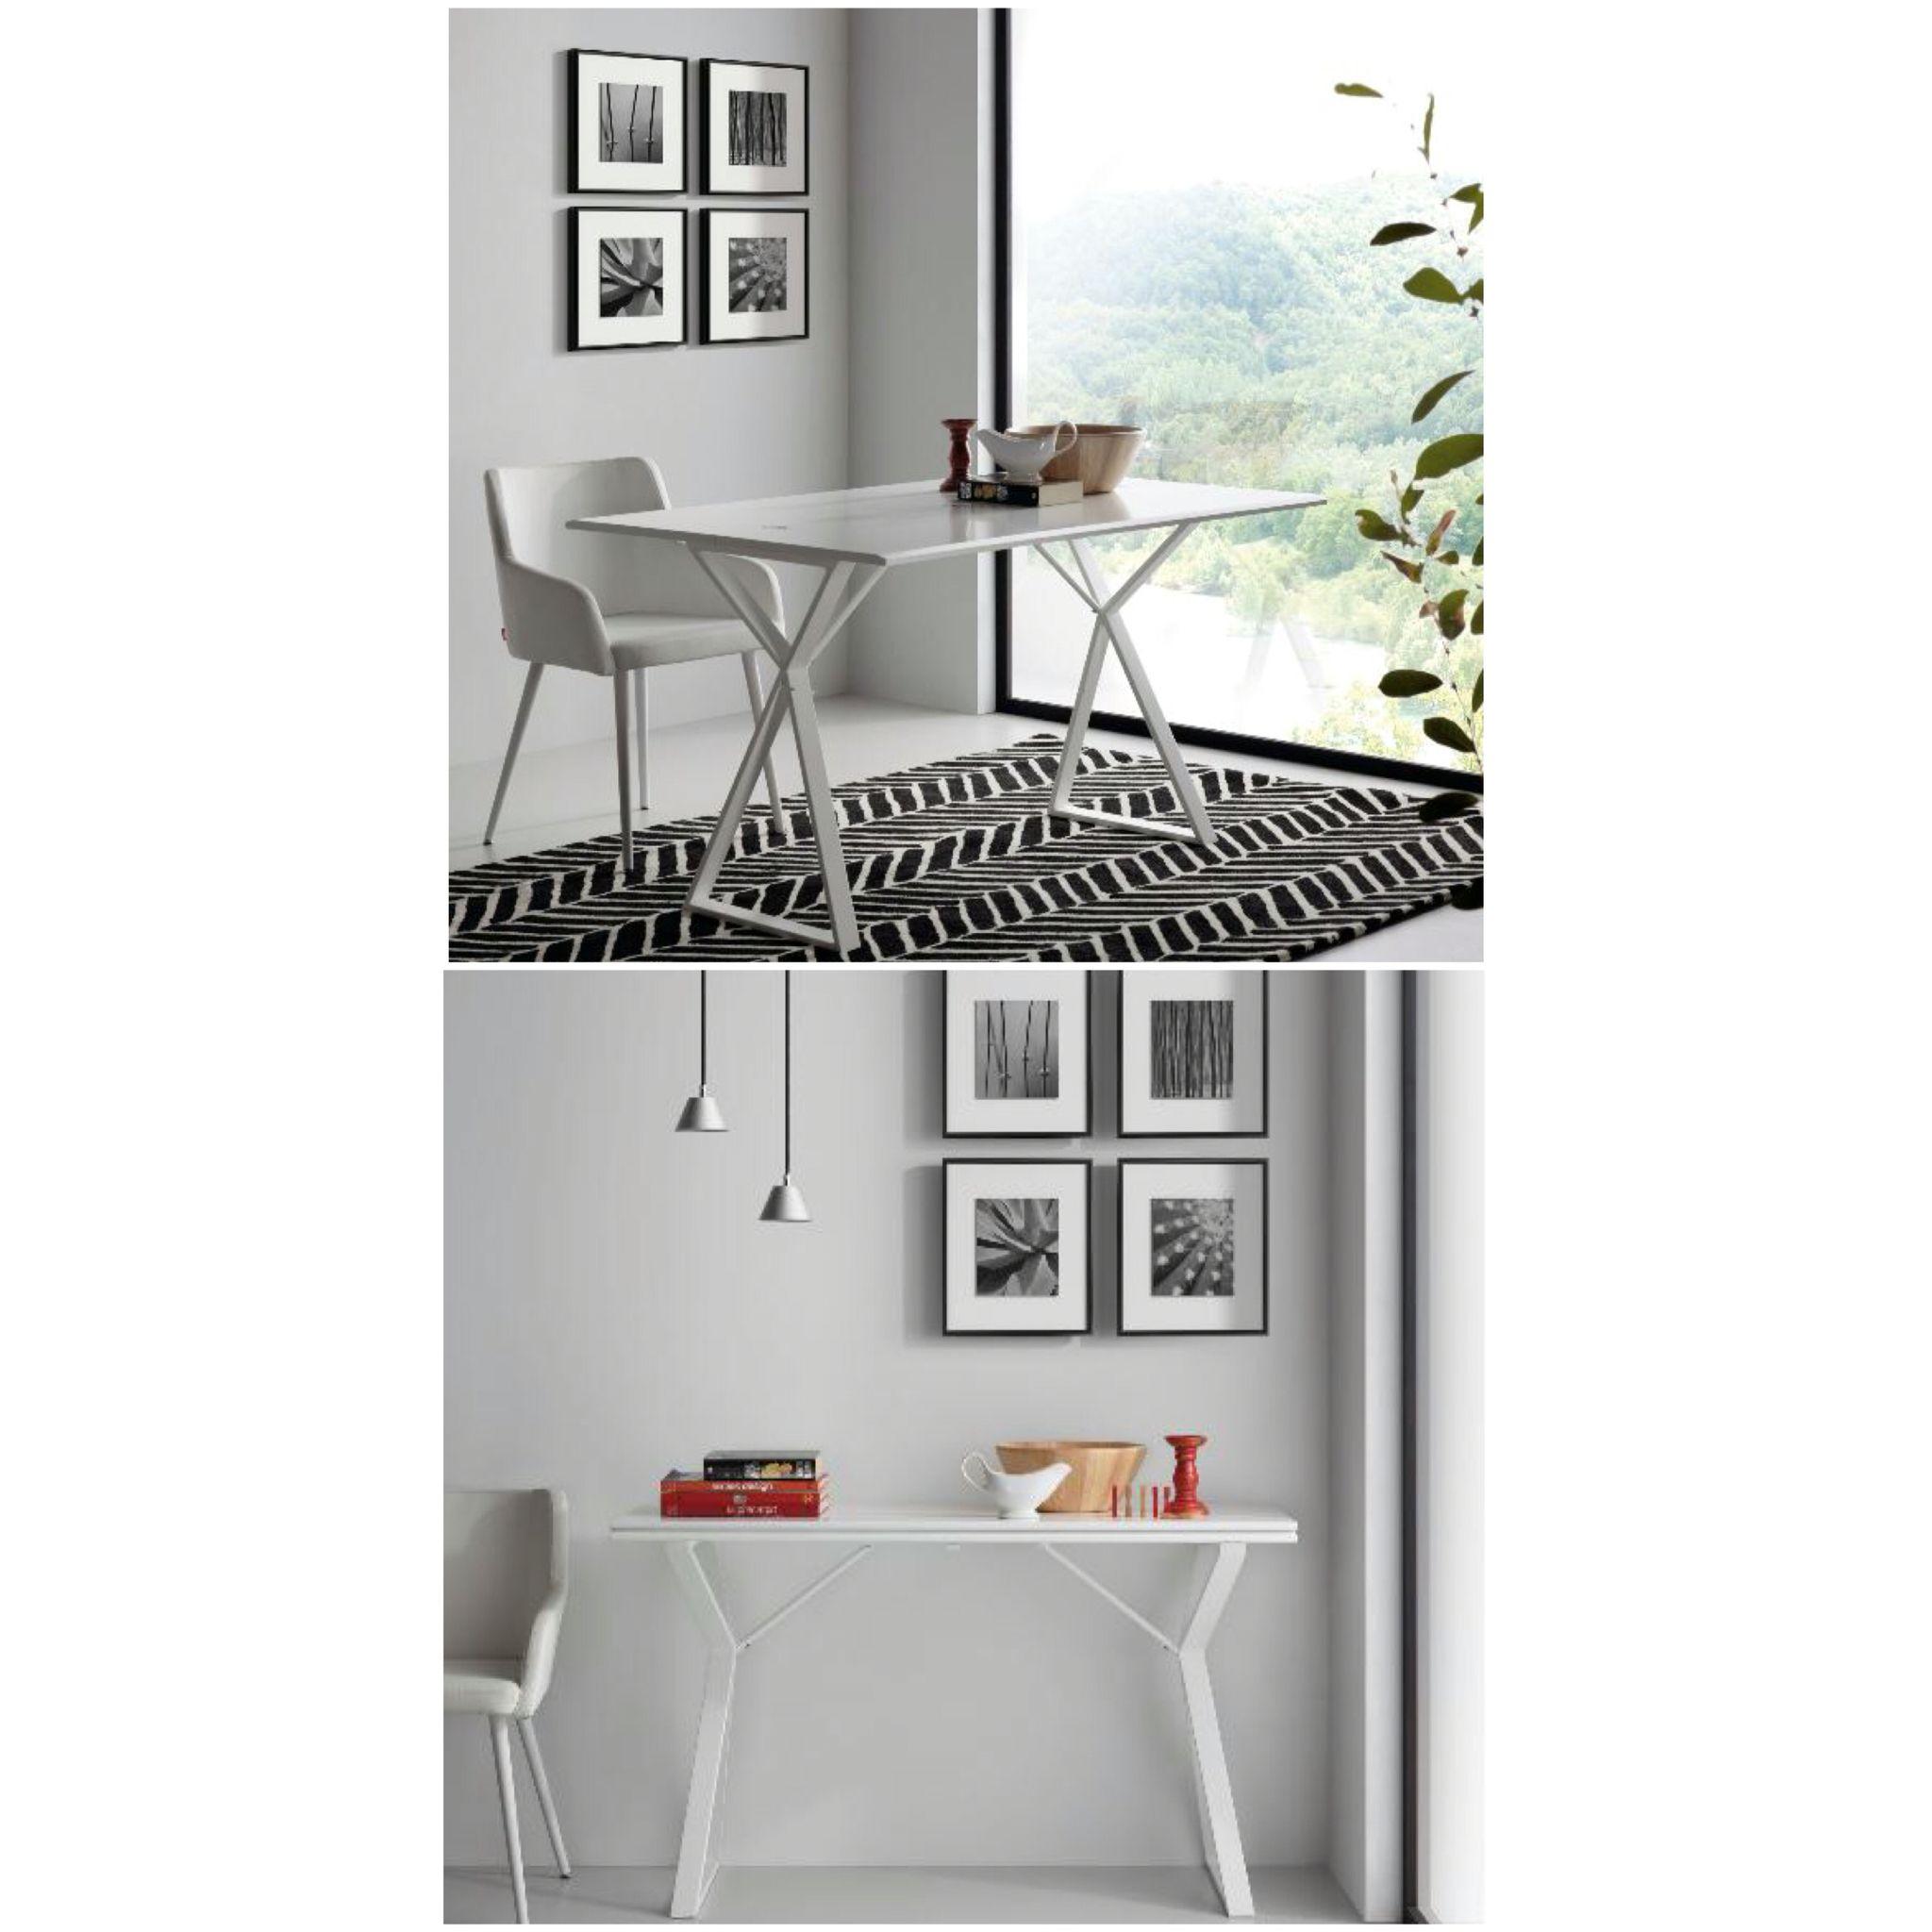 Liten plass? Lekkert bord du enkelt kan slå sammen til halve bredden ...